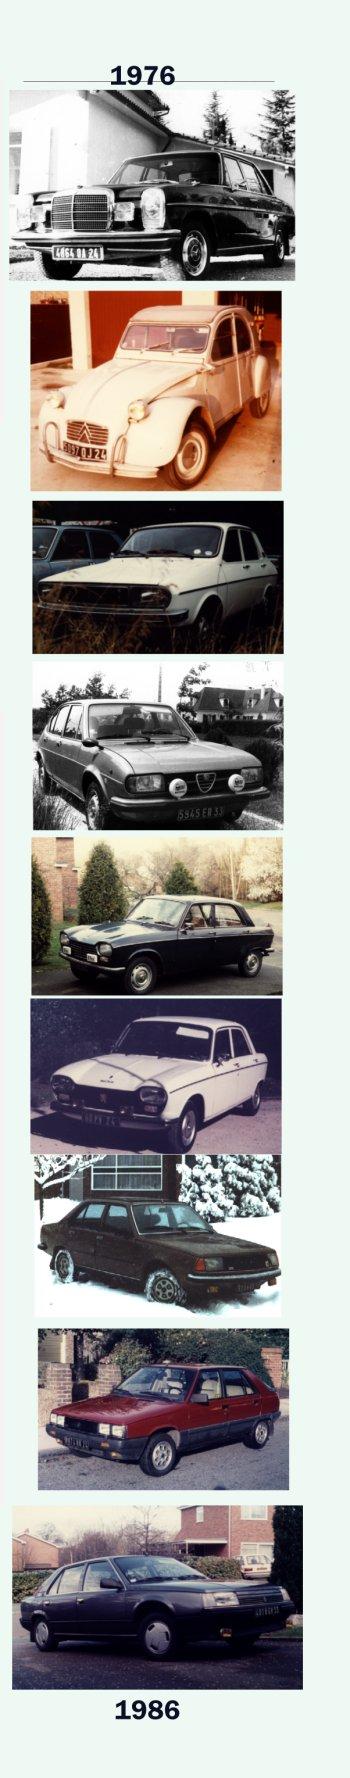 ...et à part Porsche, vous avez eu quelles autos? - Page 2 Carz_210